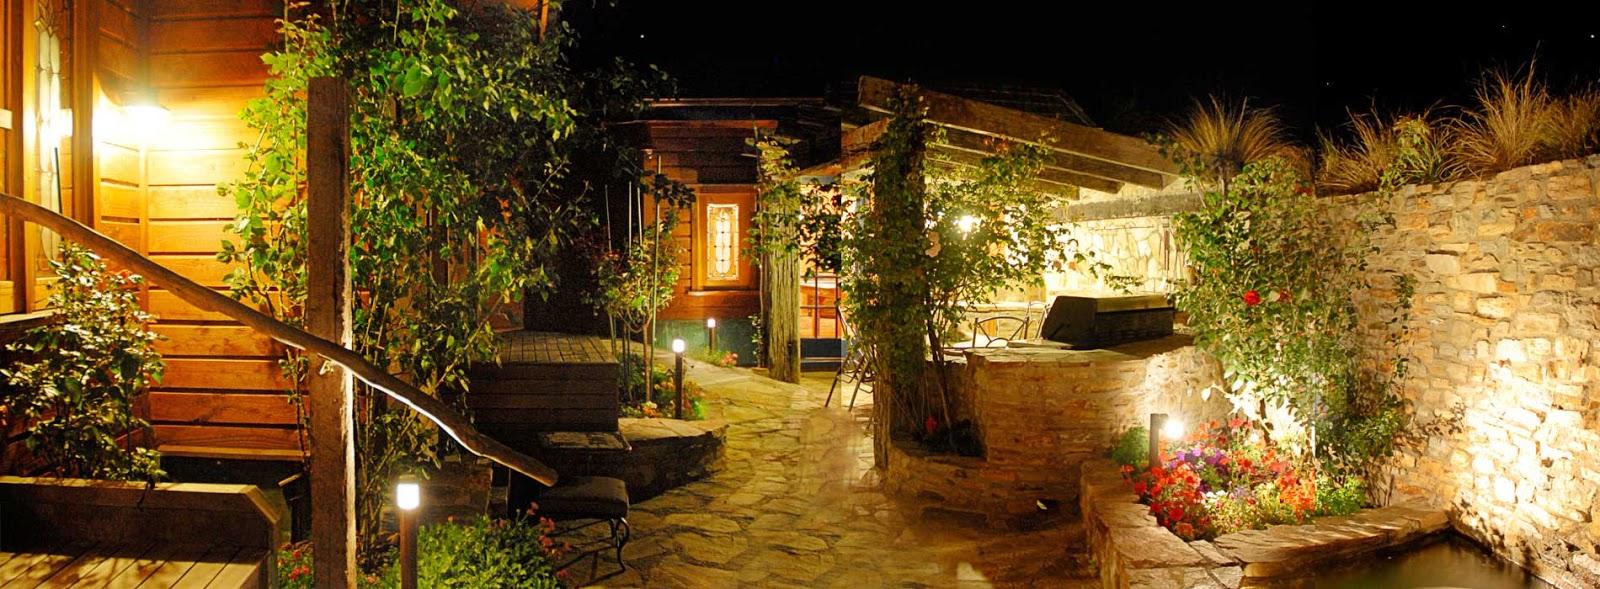 Instalaciones el ctricas residenciales luces de patio for Luces para jardin exterior